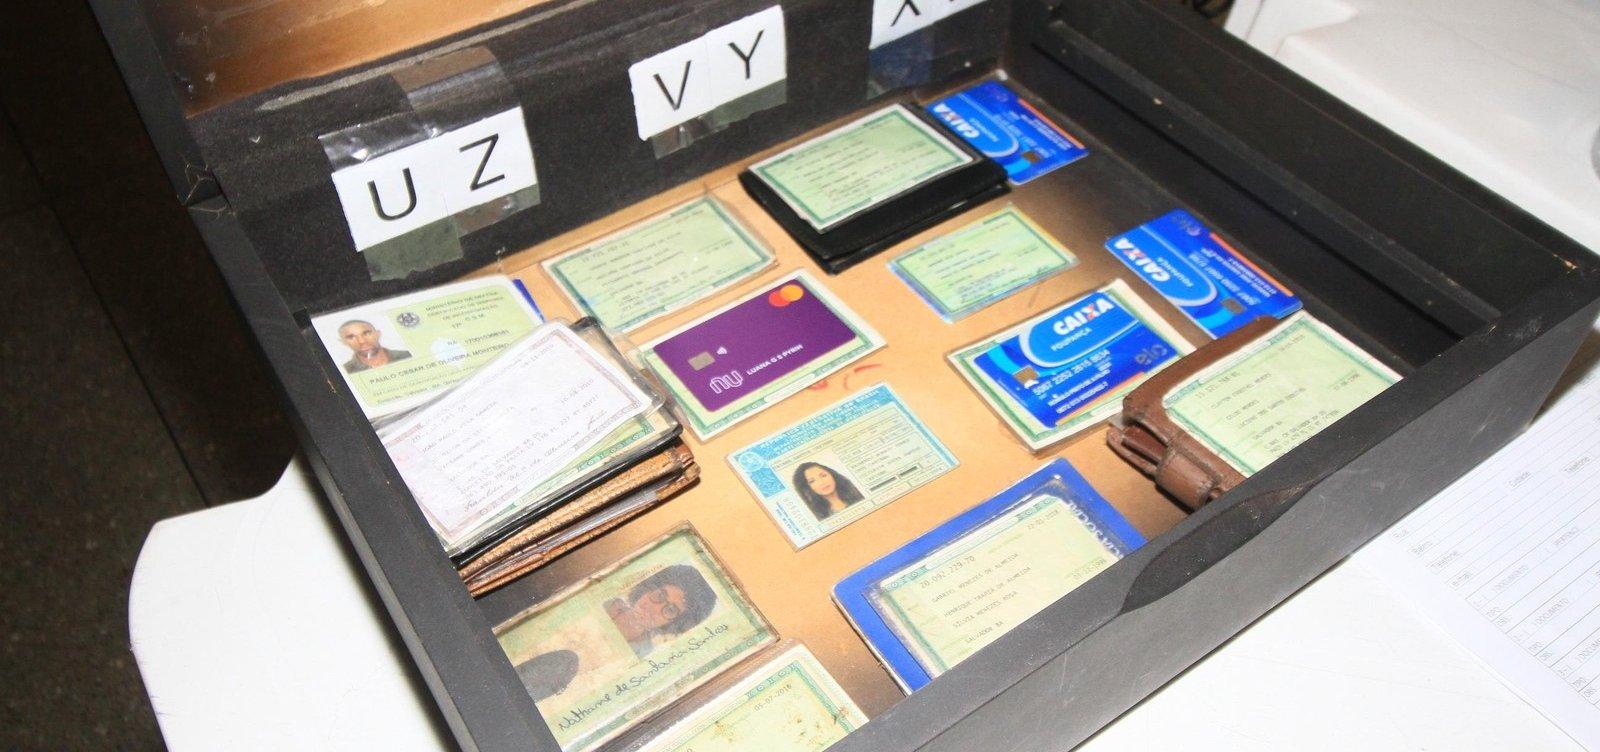 [Carnaval: documentos perdidos na folia podem ser retirados na sede da Guarda Civil até 6 de março]